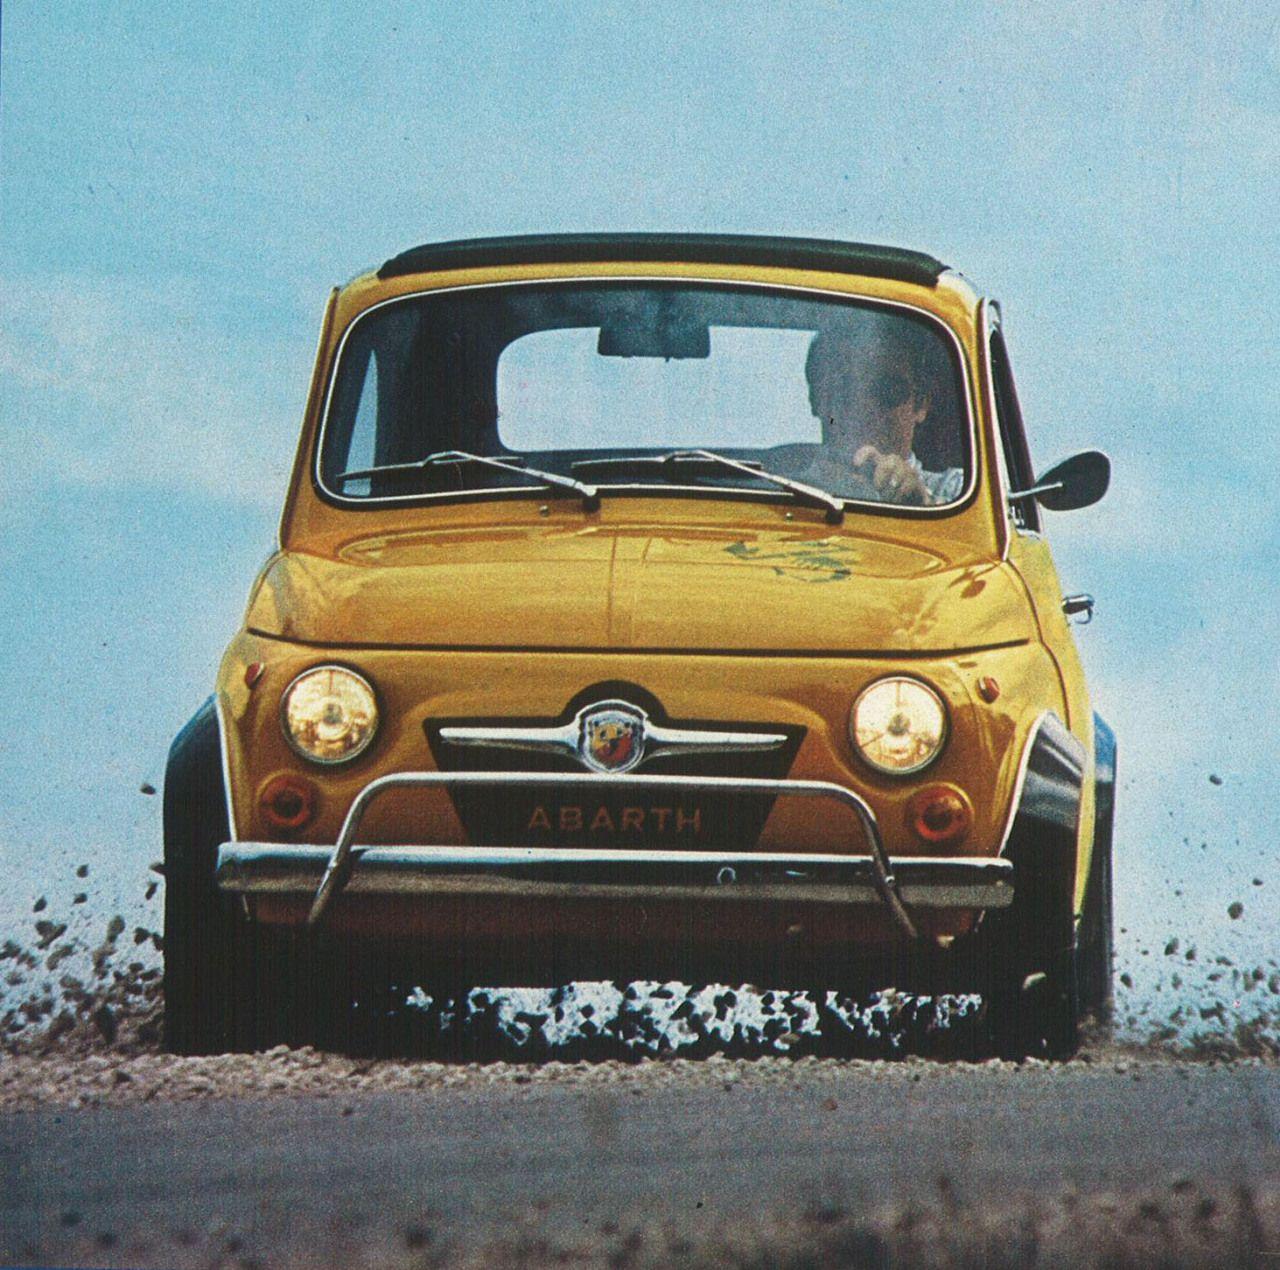 Abarth Tumblr Fiat Fiat 500 Retro Cars